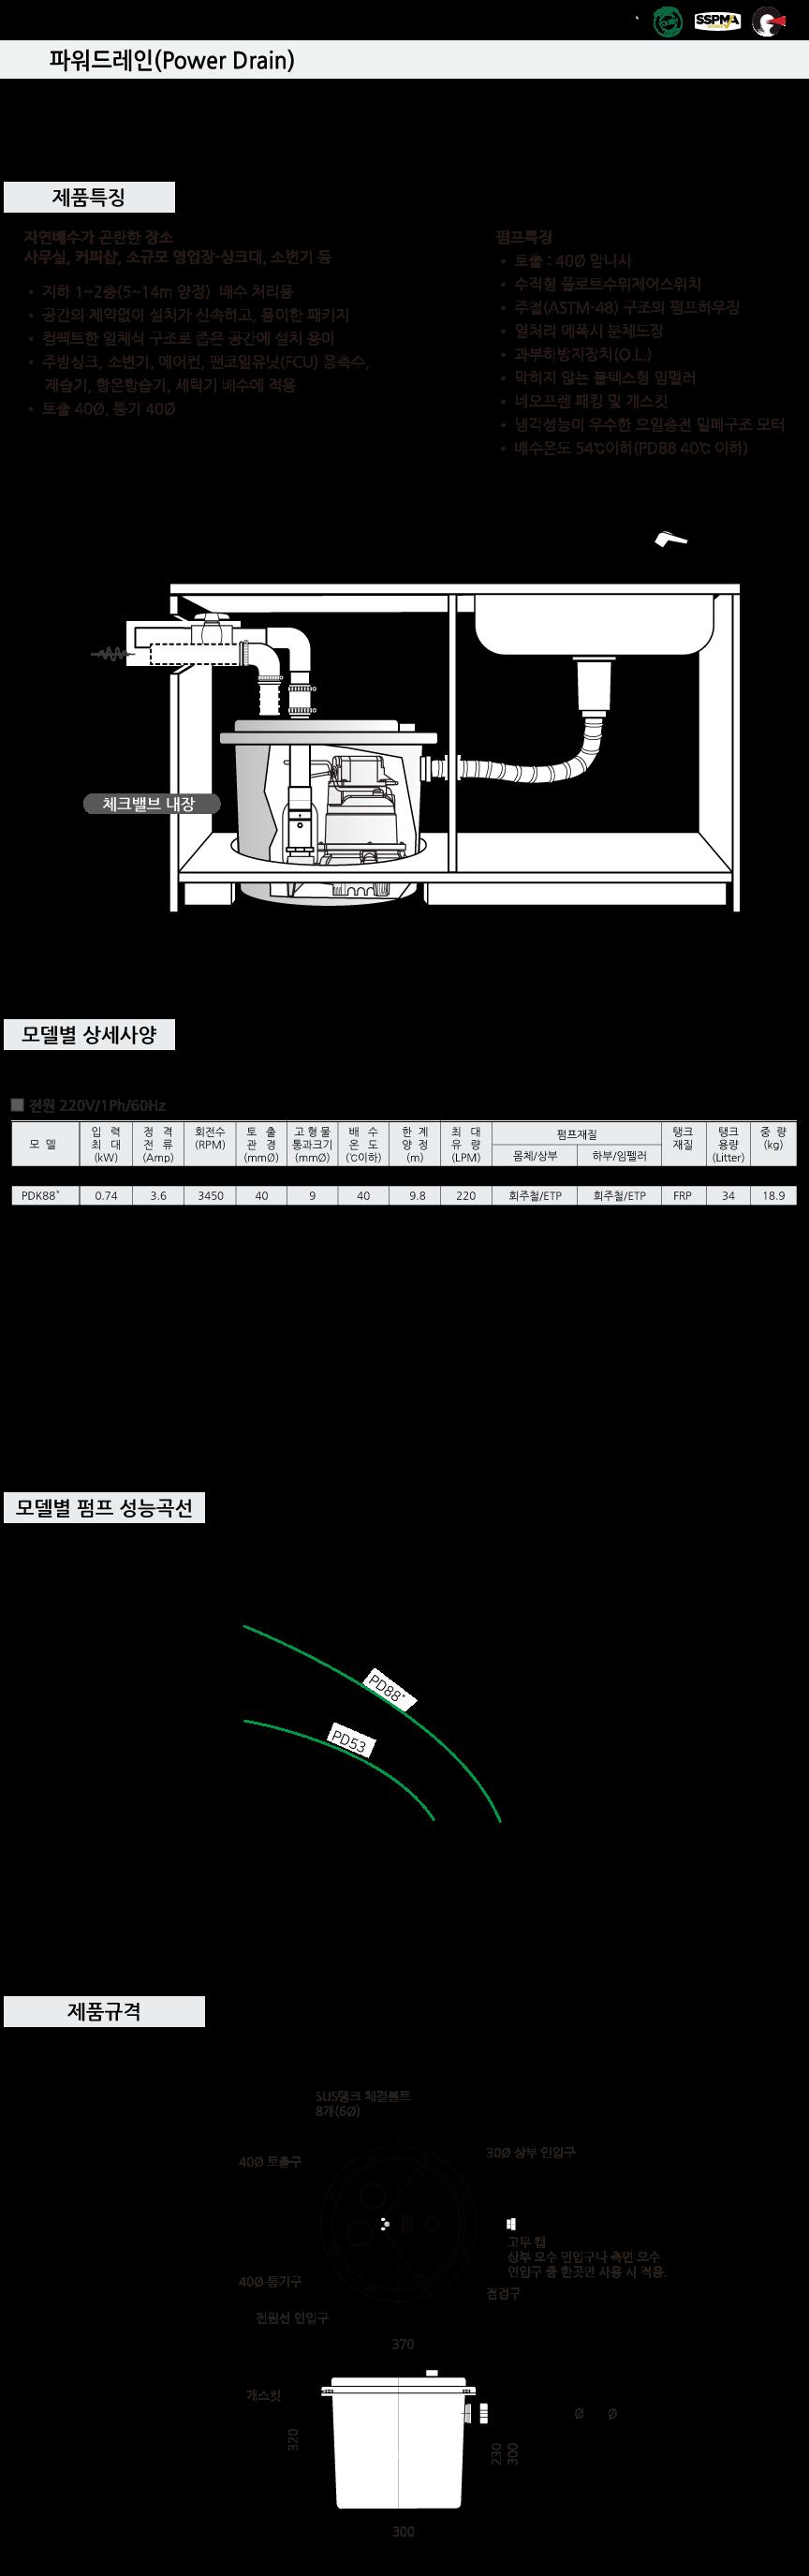 200910-파워드레인-864나눔.png